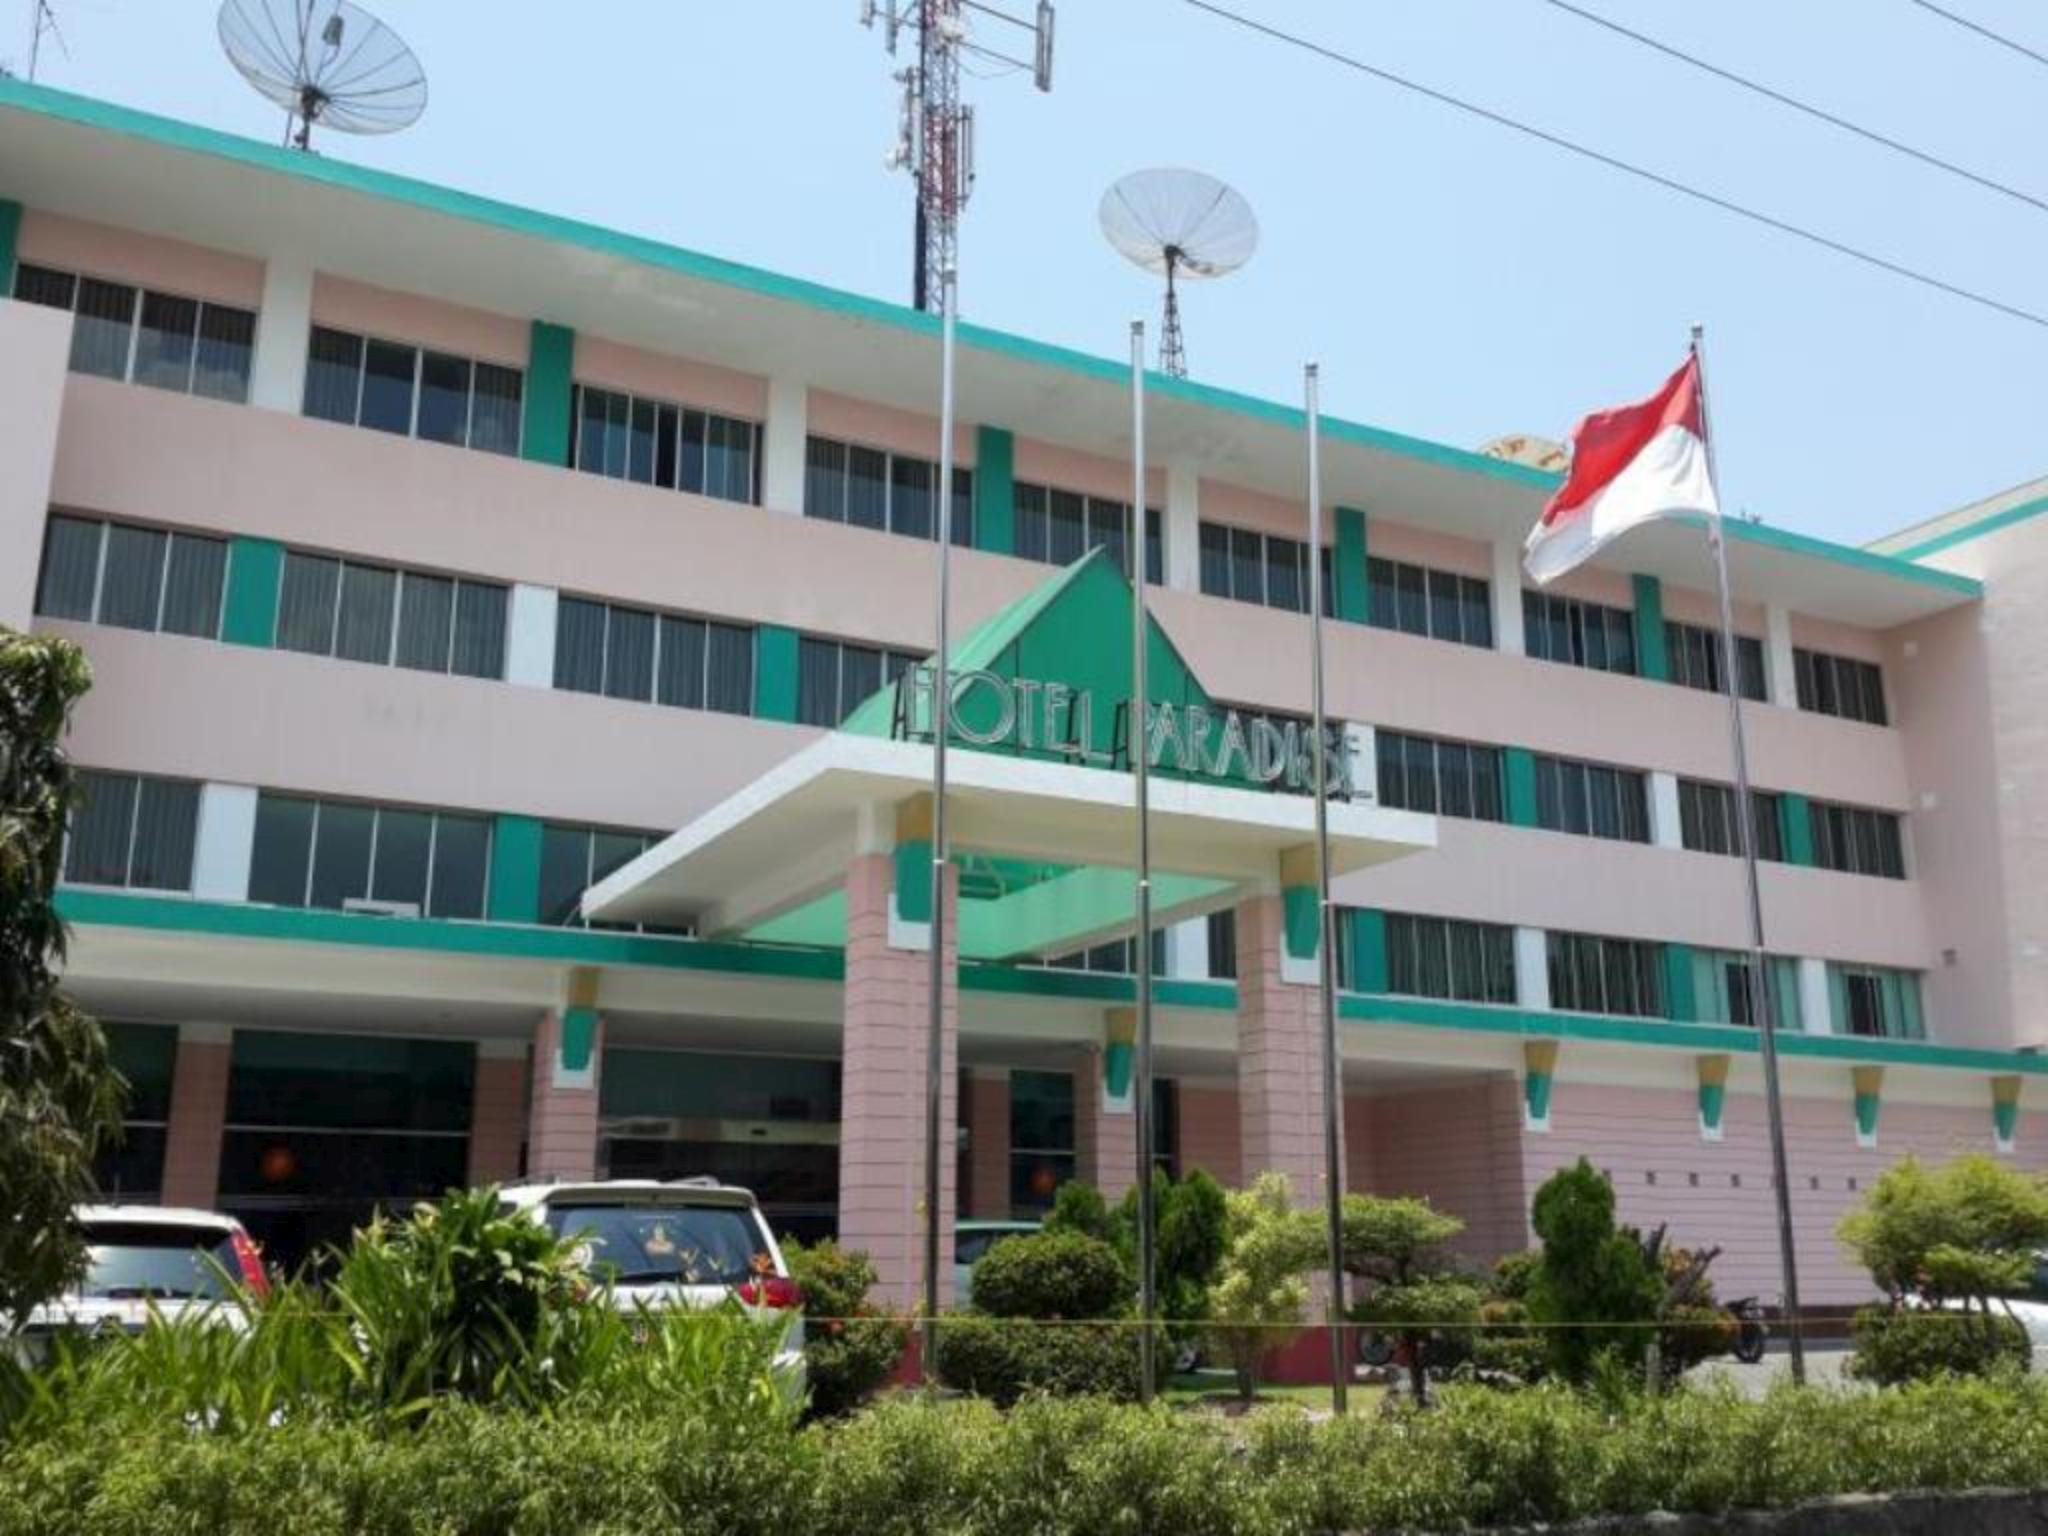 Paradise Hotel, Karimun